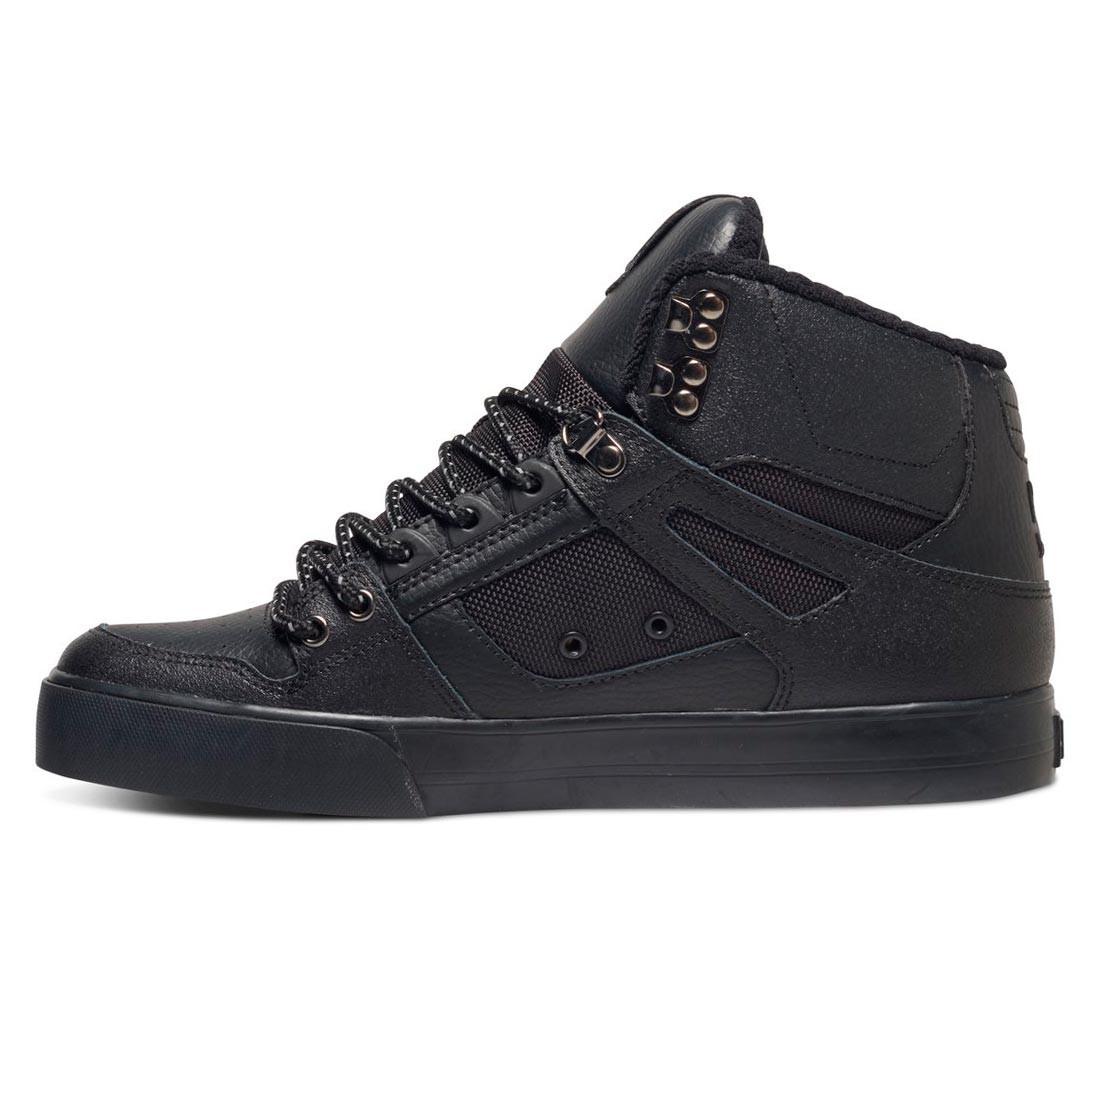 f65c0366ab622 DC Spartan High Wc Se black 3